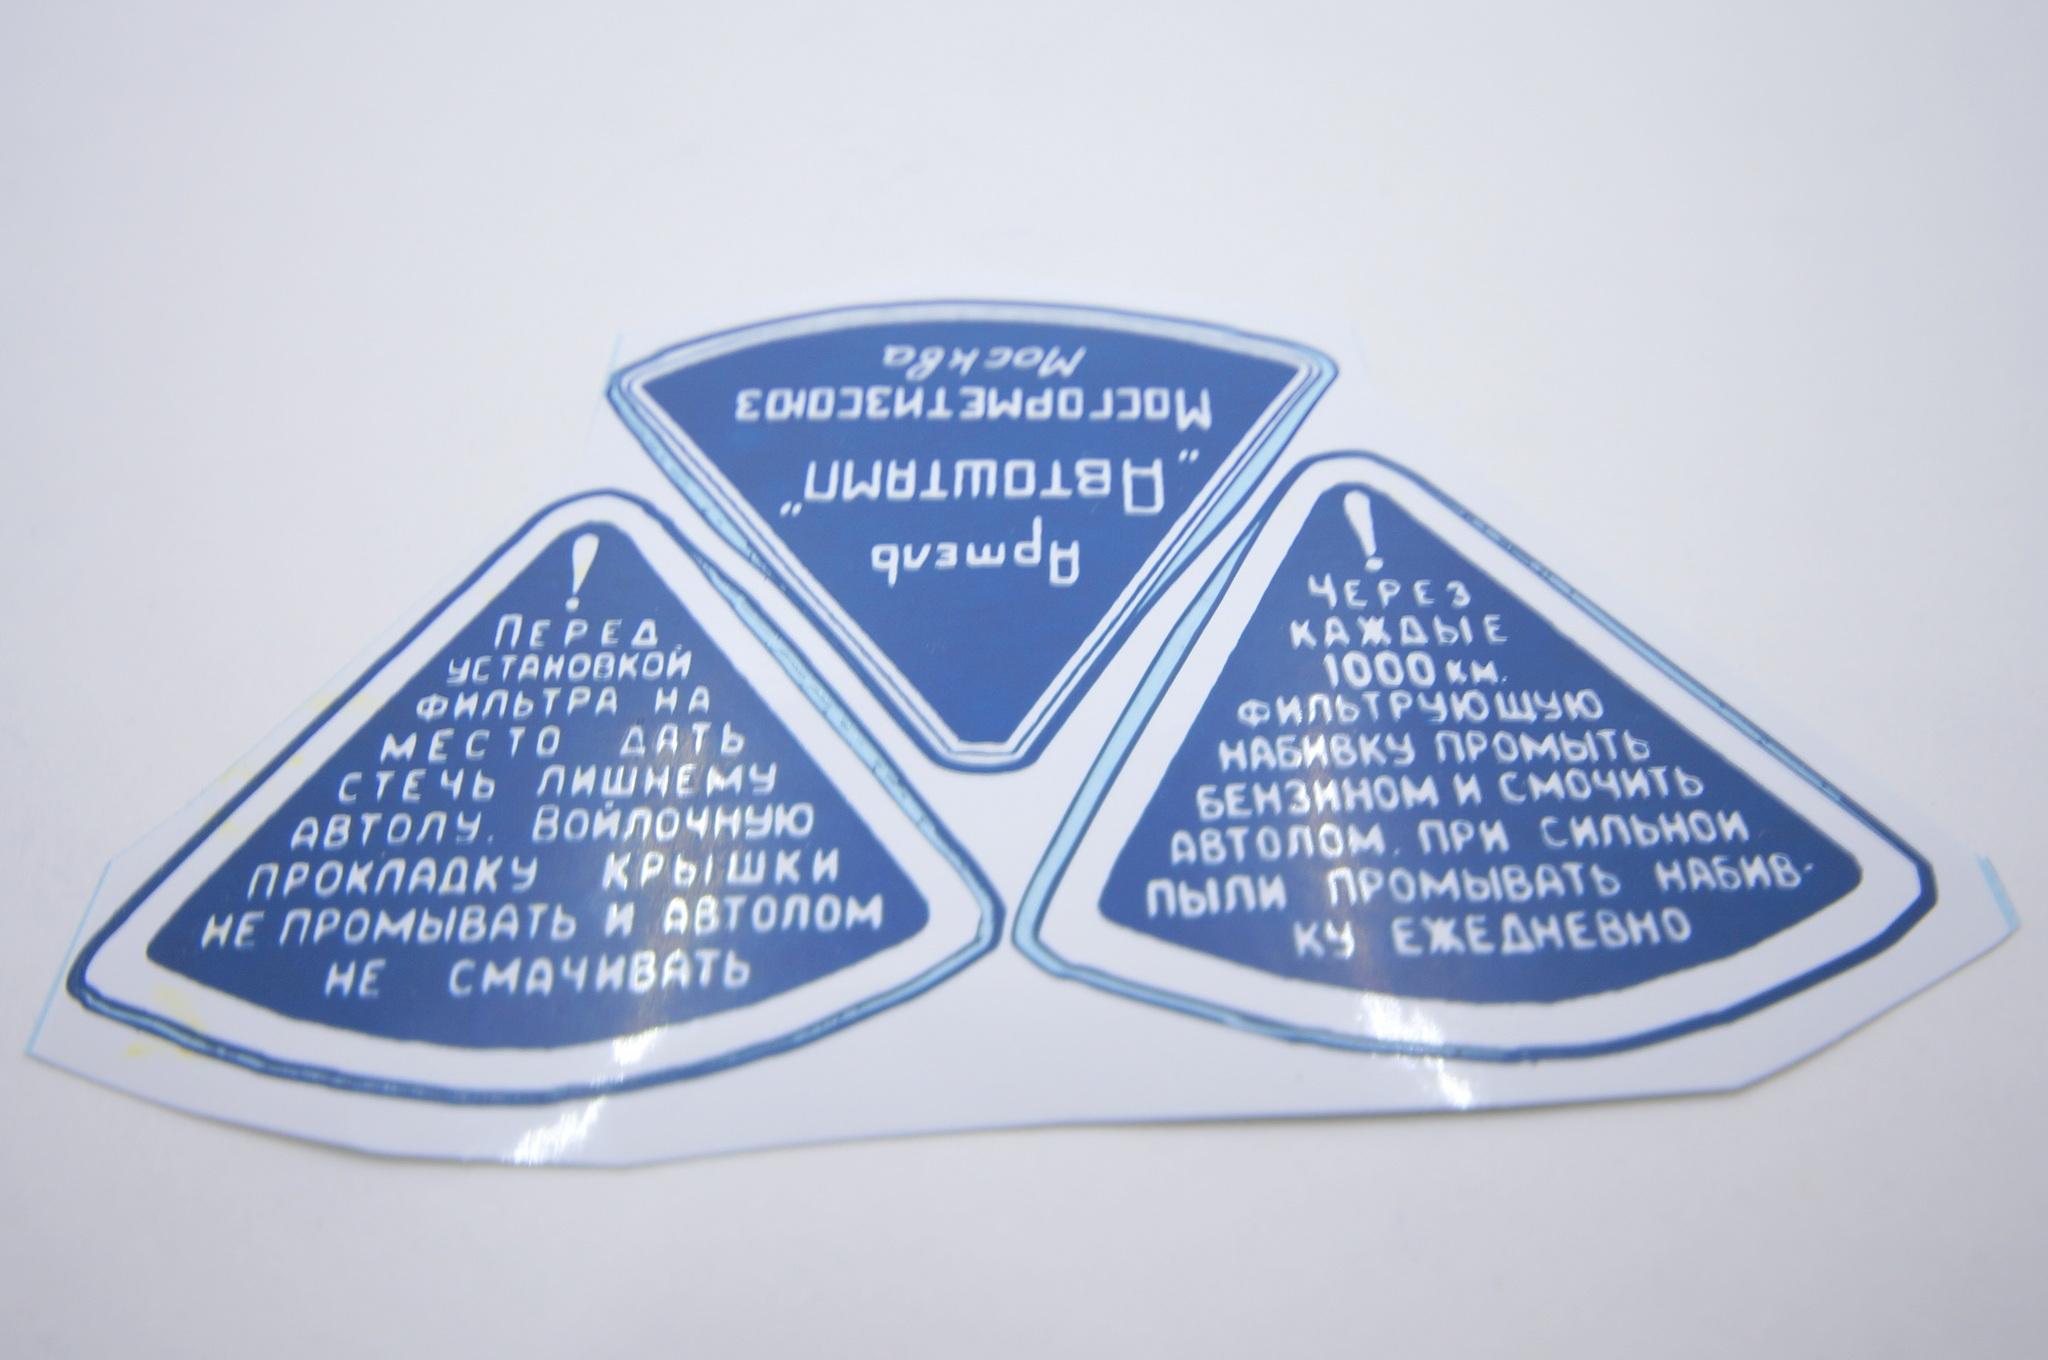 Подкапотные инструкции Москвич 400, 401